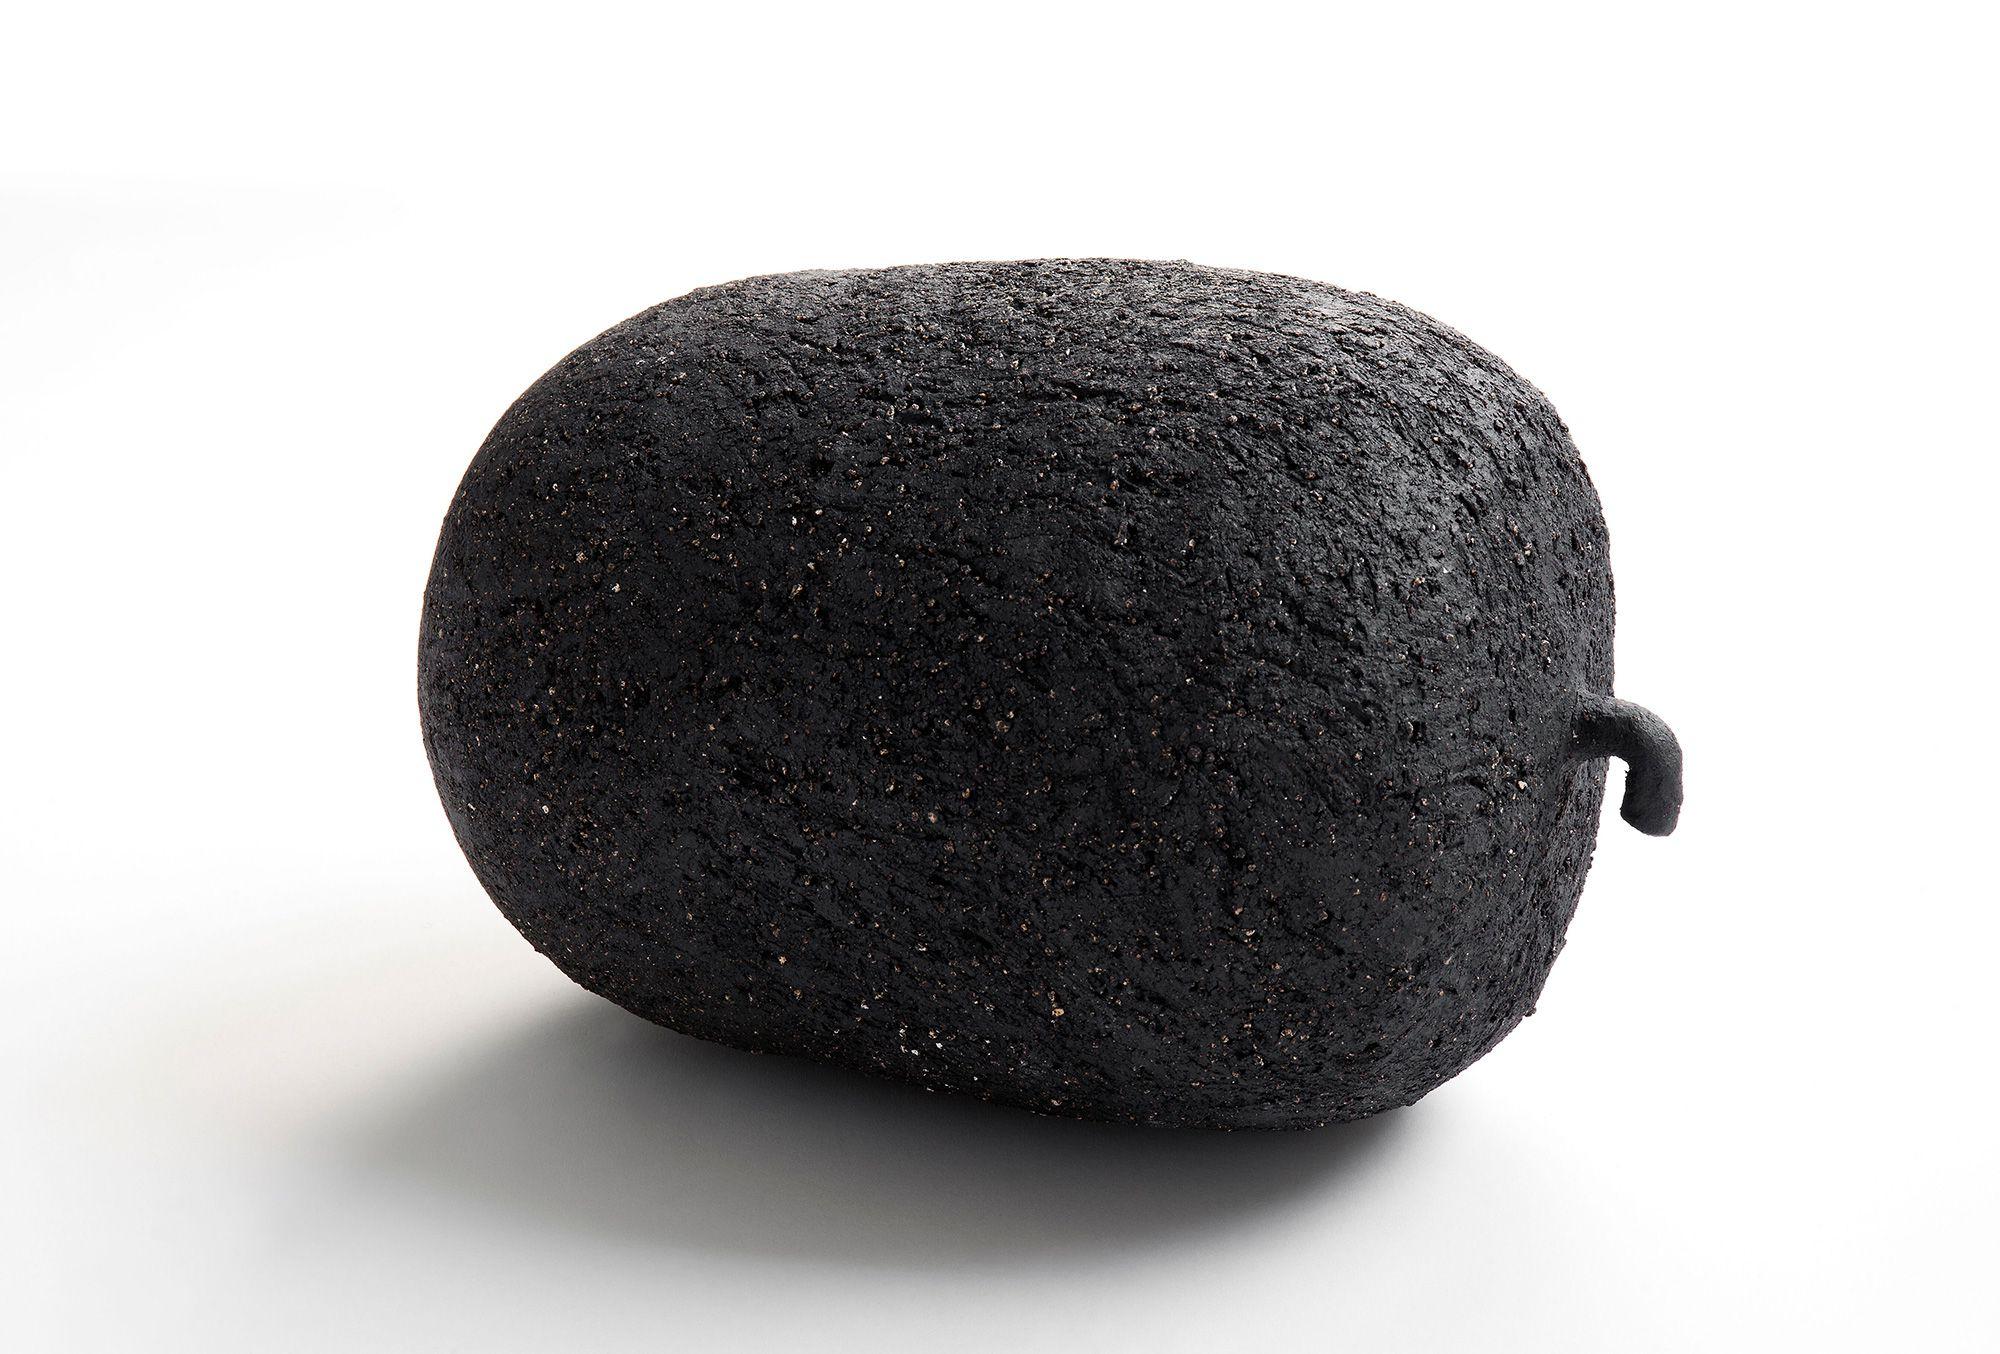 冬瓜の陶でつくられたオブジェ。